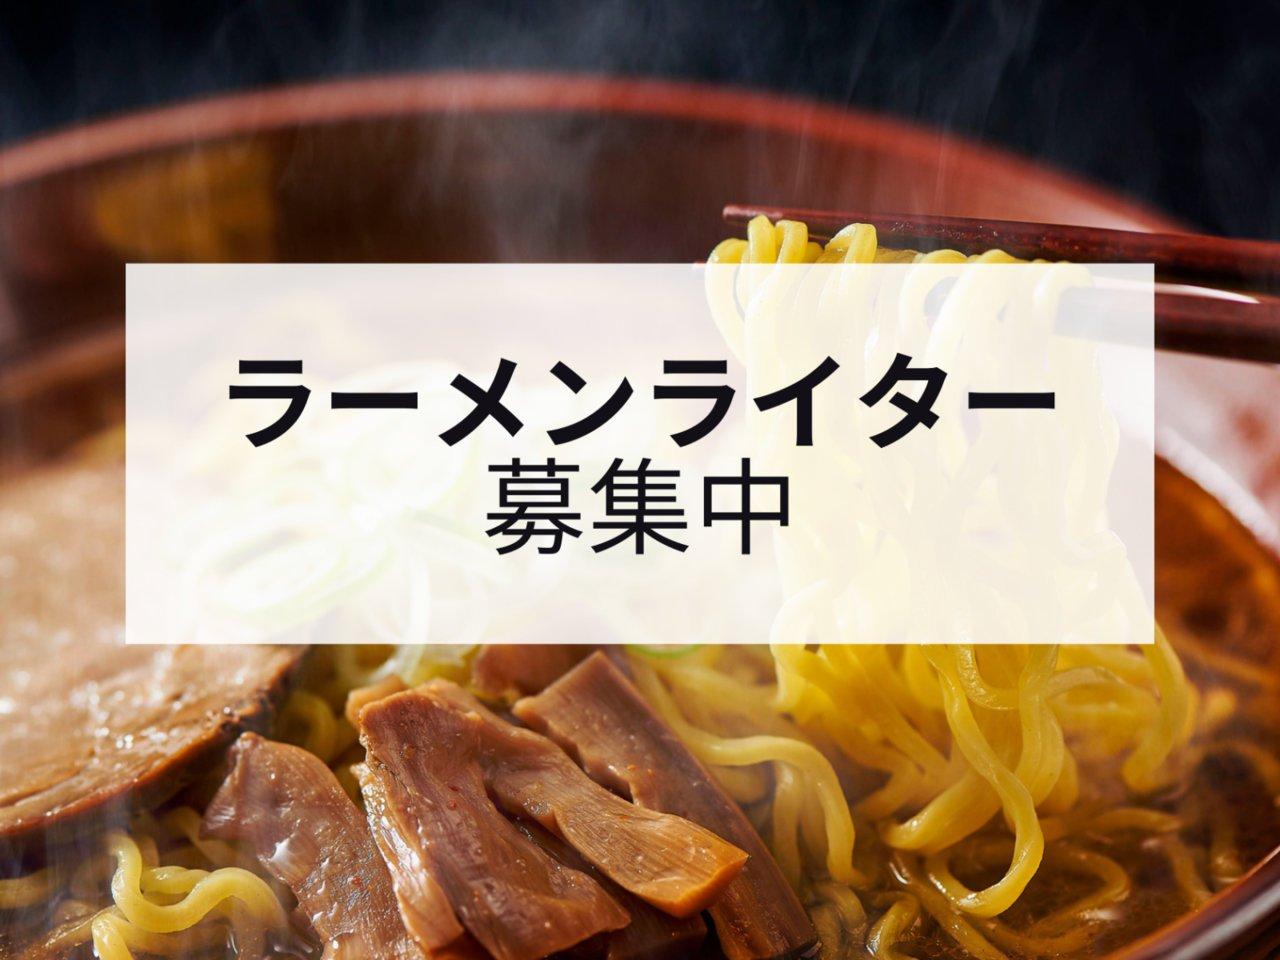 【ローカル・ラーメンライター募集】